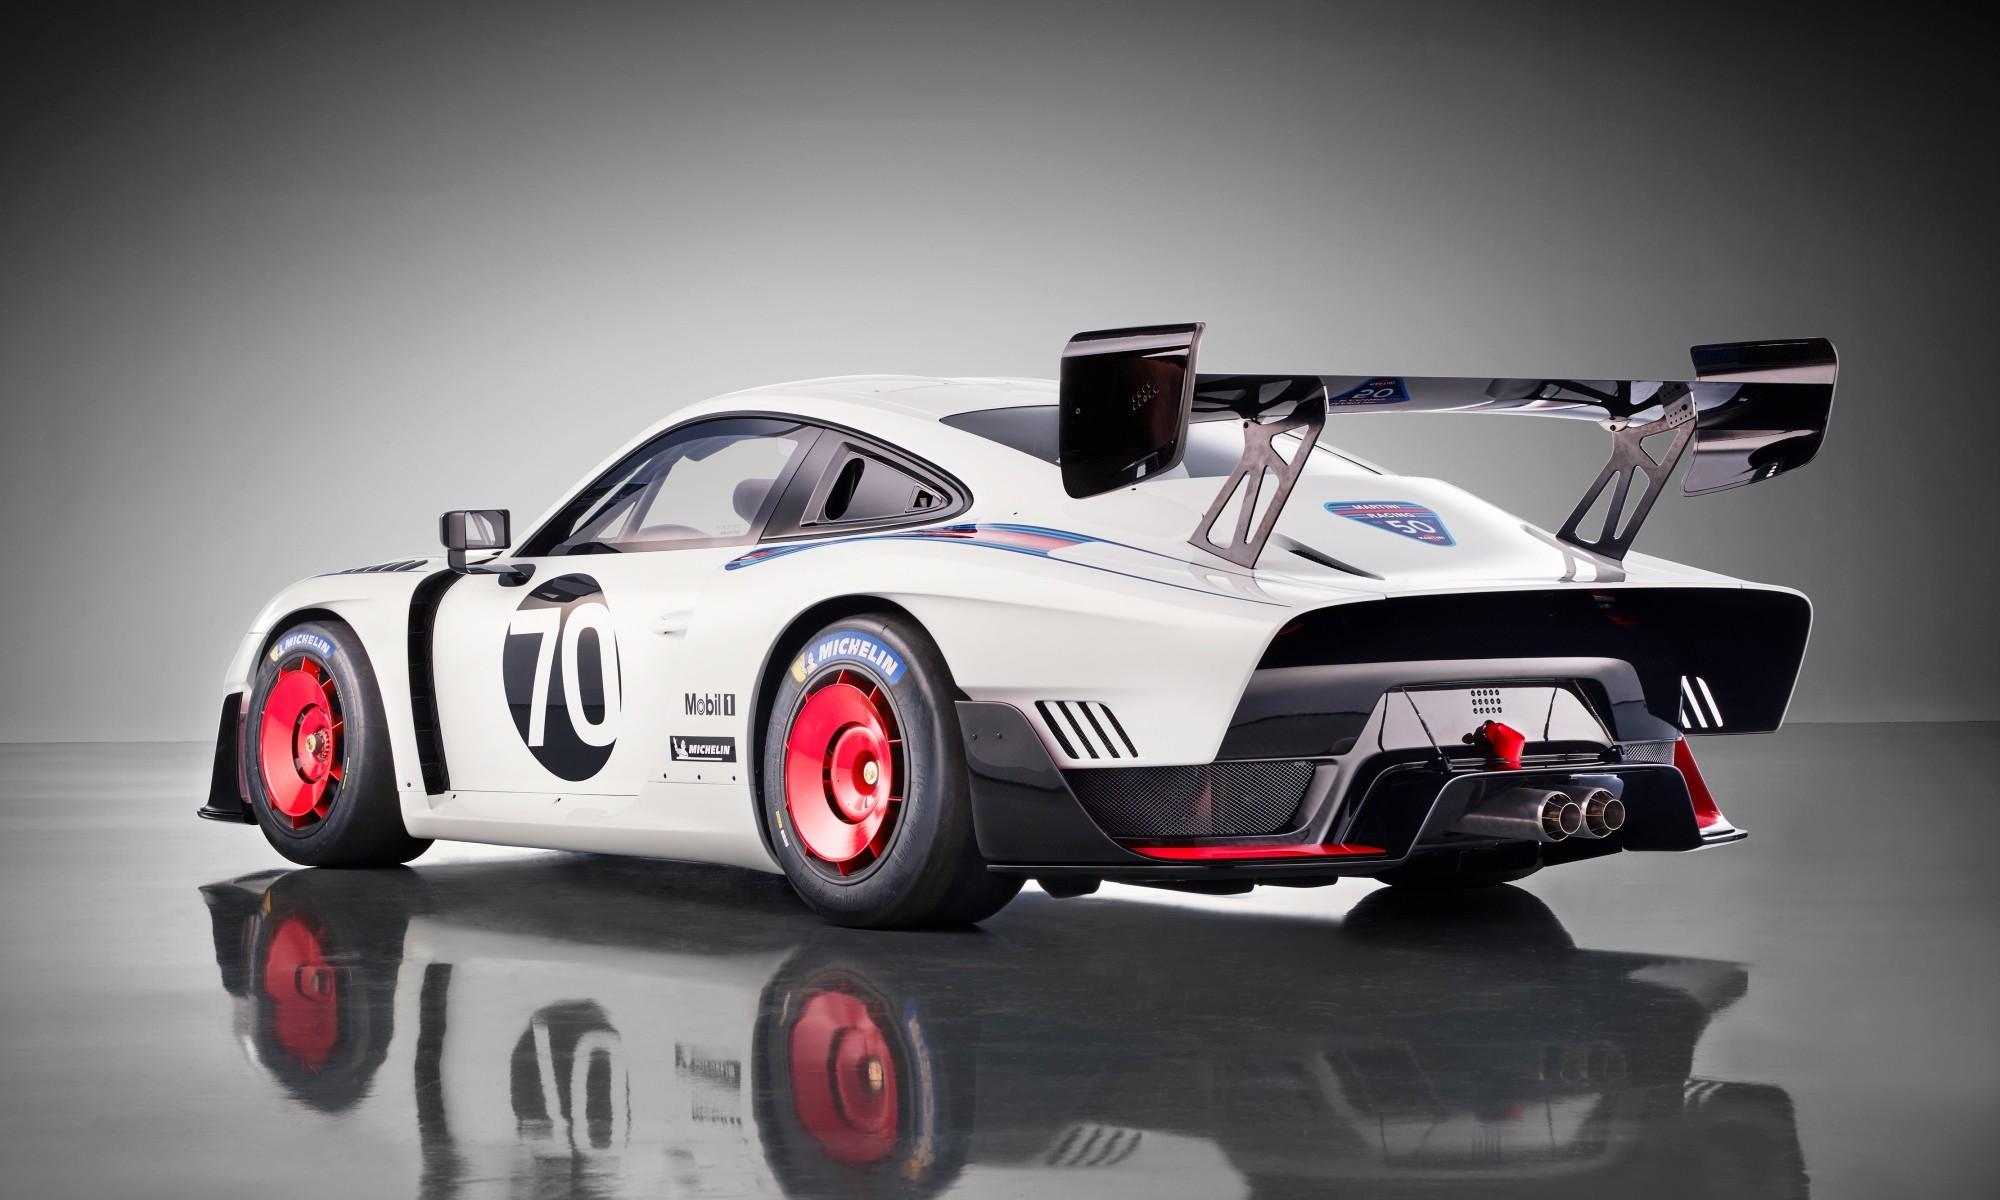 Porsche 935 Moby Dick homage rear